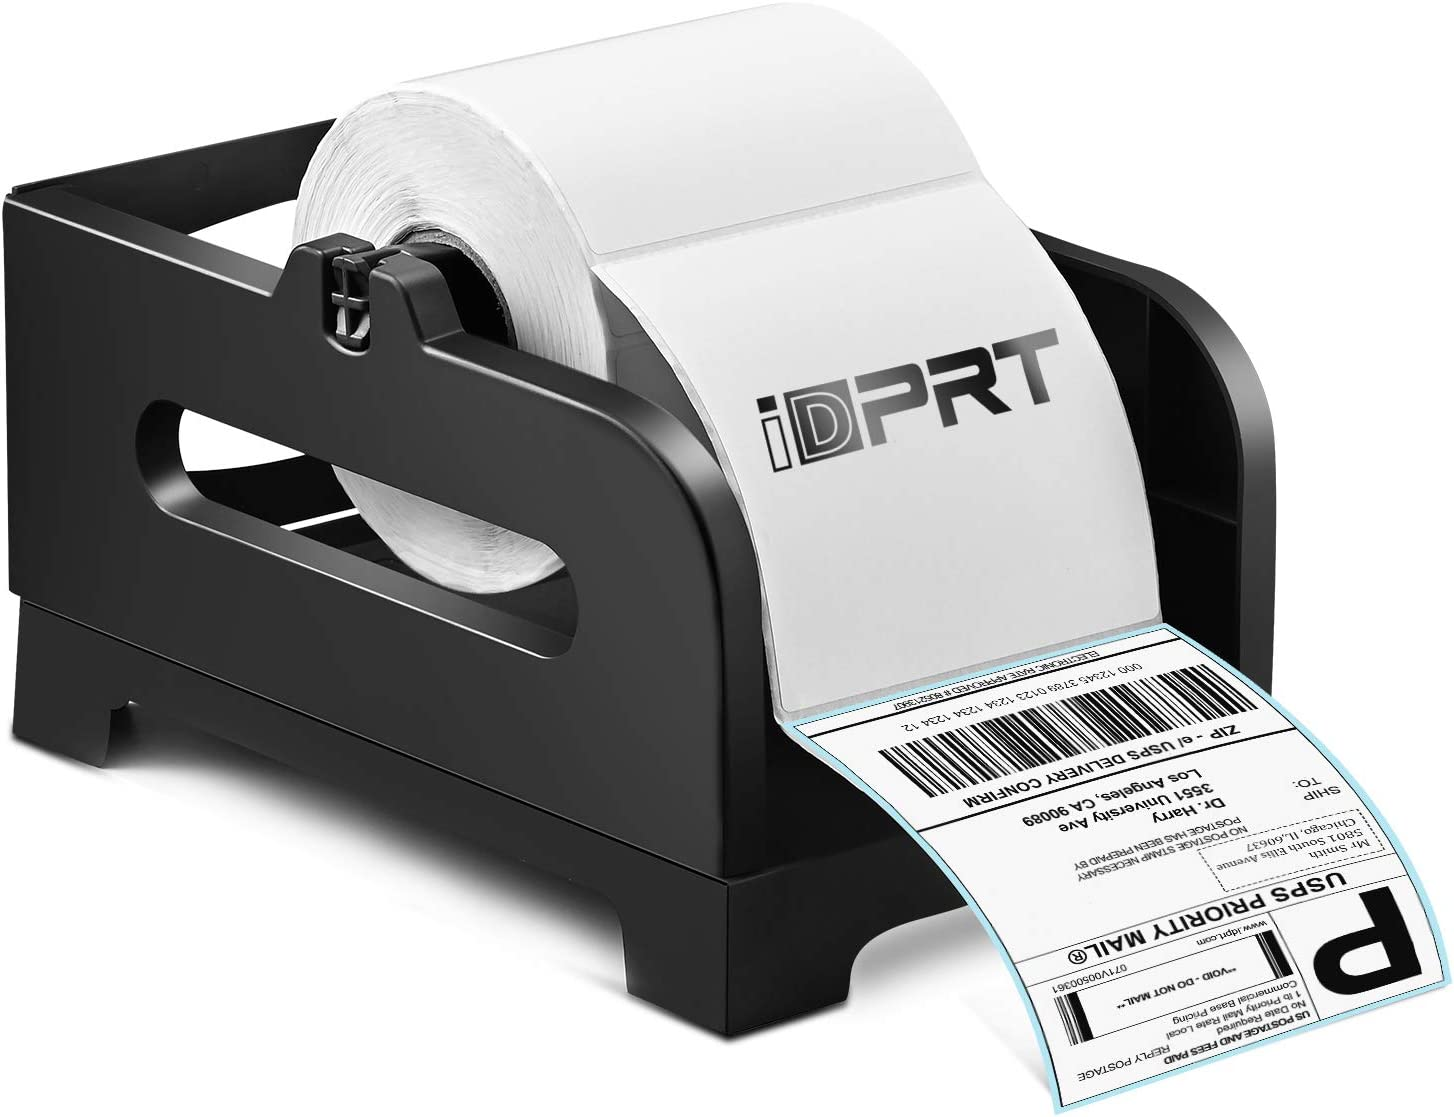 Label Holder-iDPRT Shipping Label Holder, Plastic Paper Holder, Thermal Label Holder for Rolls and Fan Fold Labels, Work with Desktop Label Printer, Suitable for Home, Office &Transportation